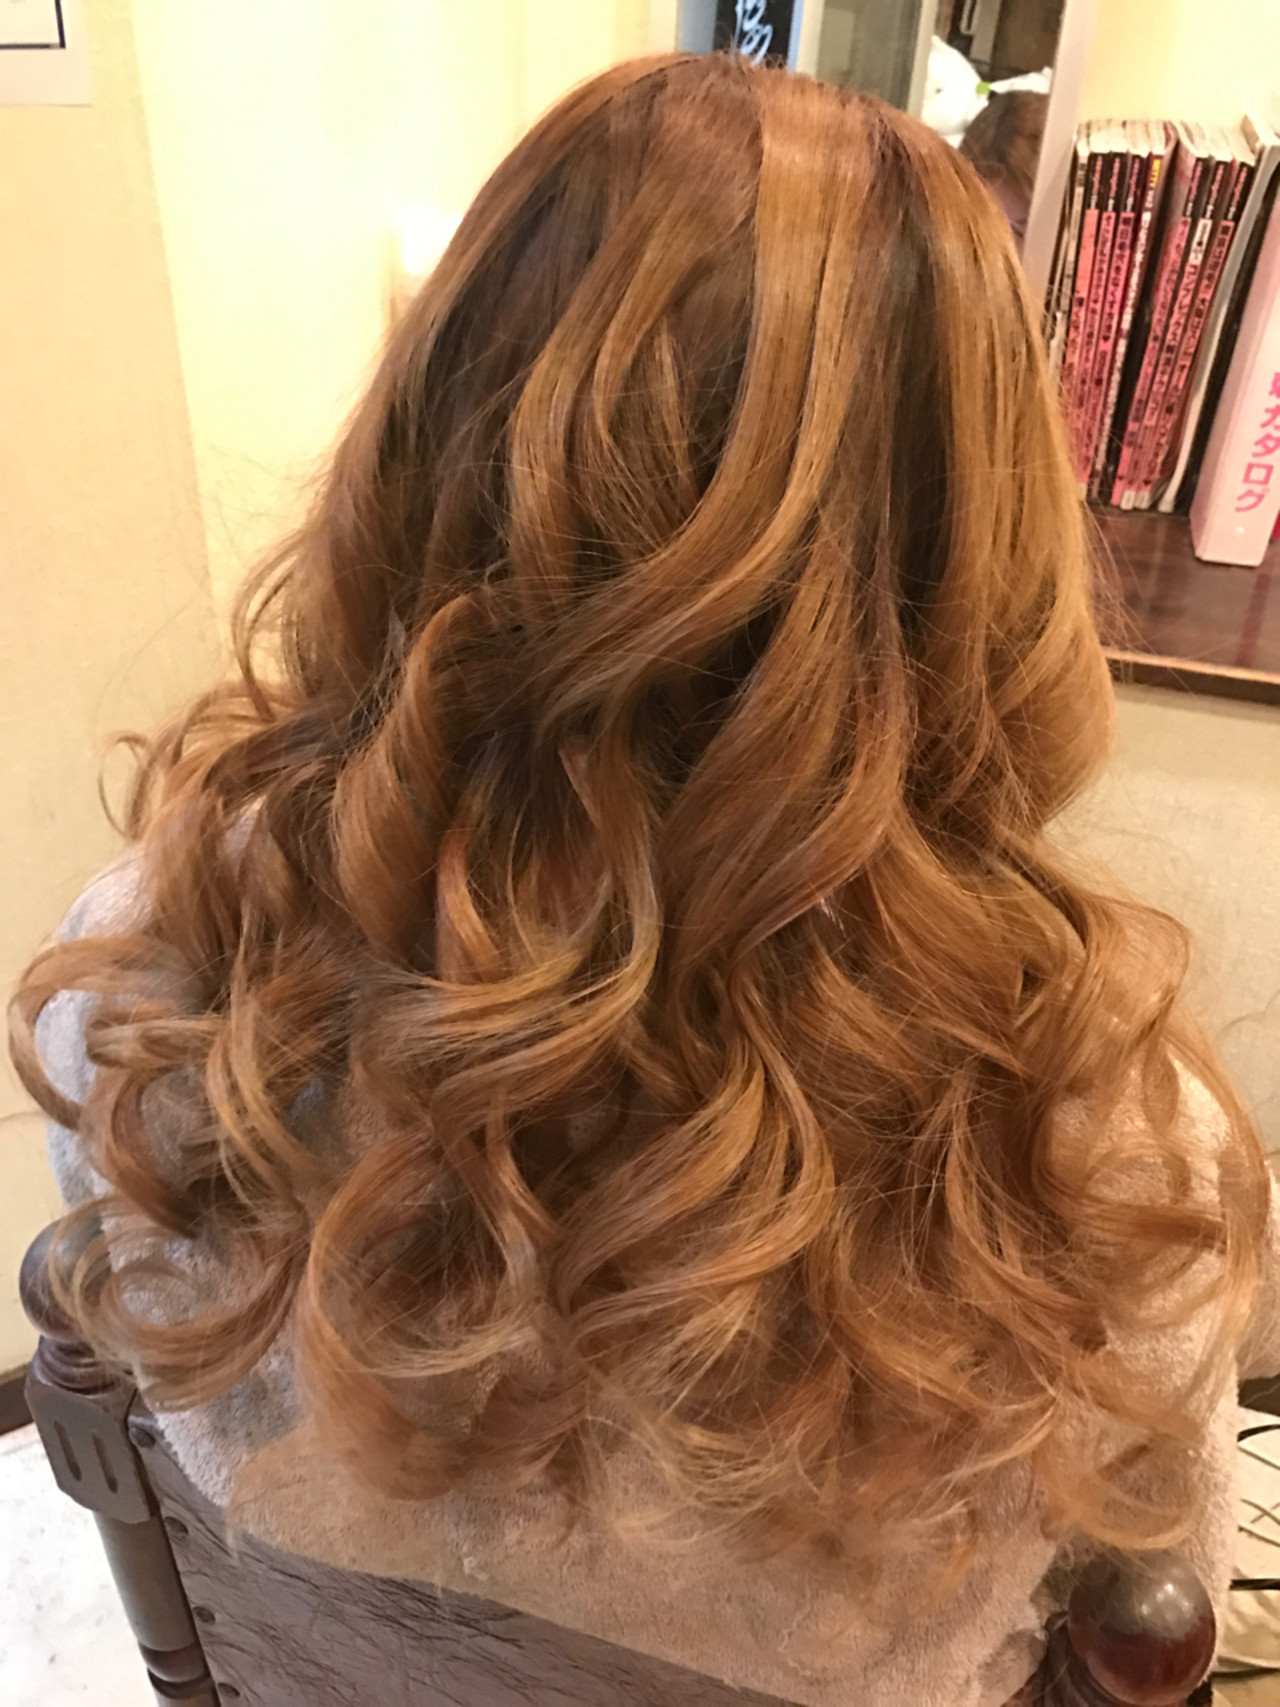 巻き髪が、ハリウッド女優のようなエレガントさを演出されています。透明感が活かされたスタイリングですね!